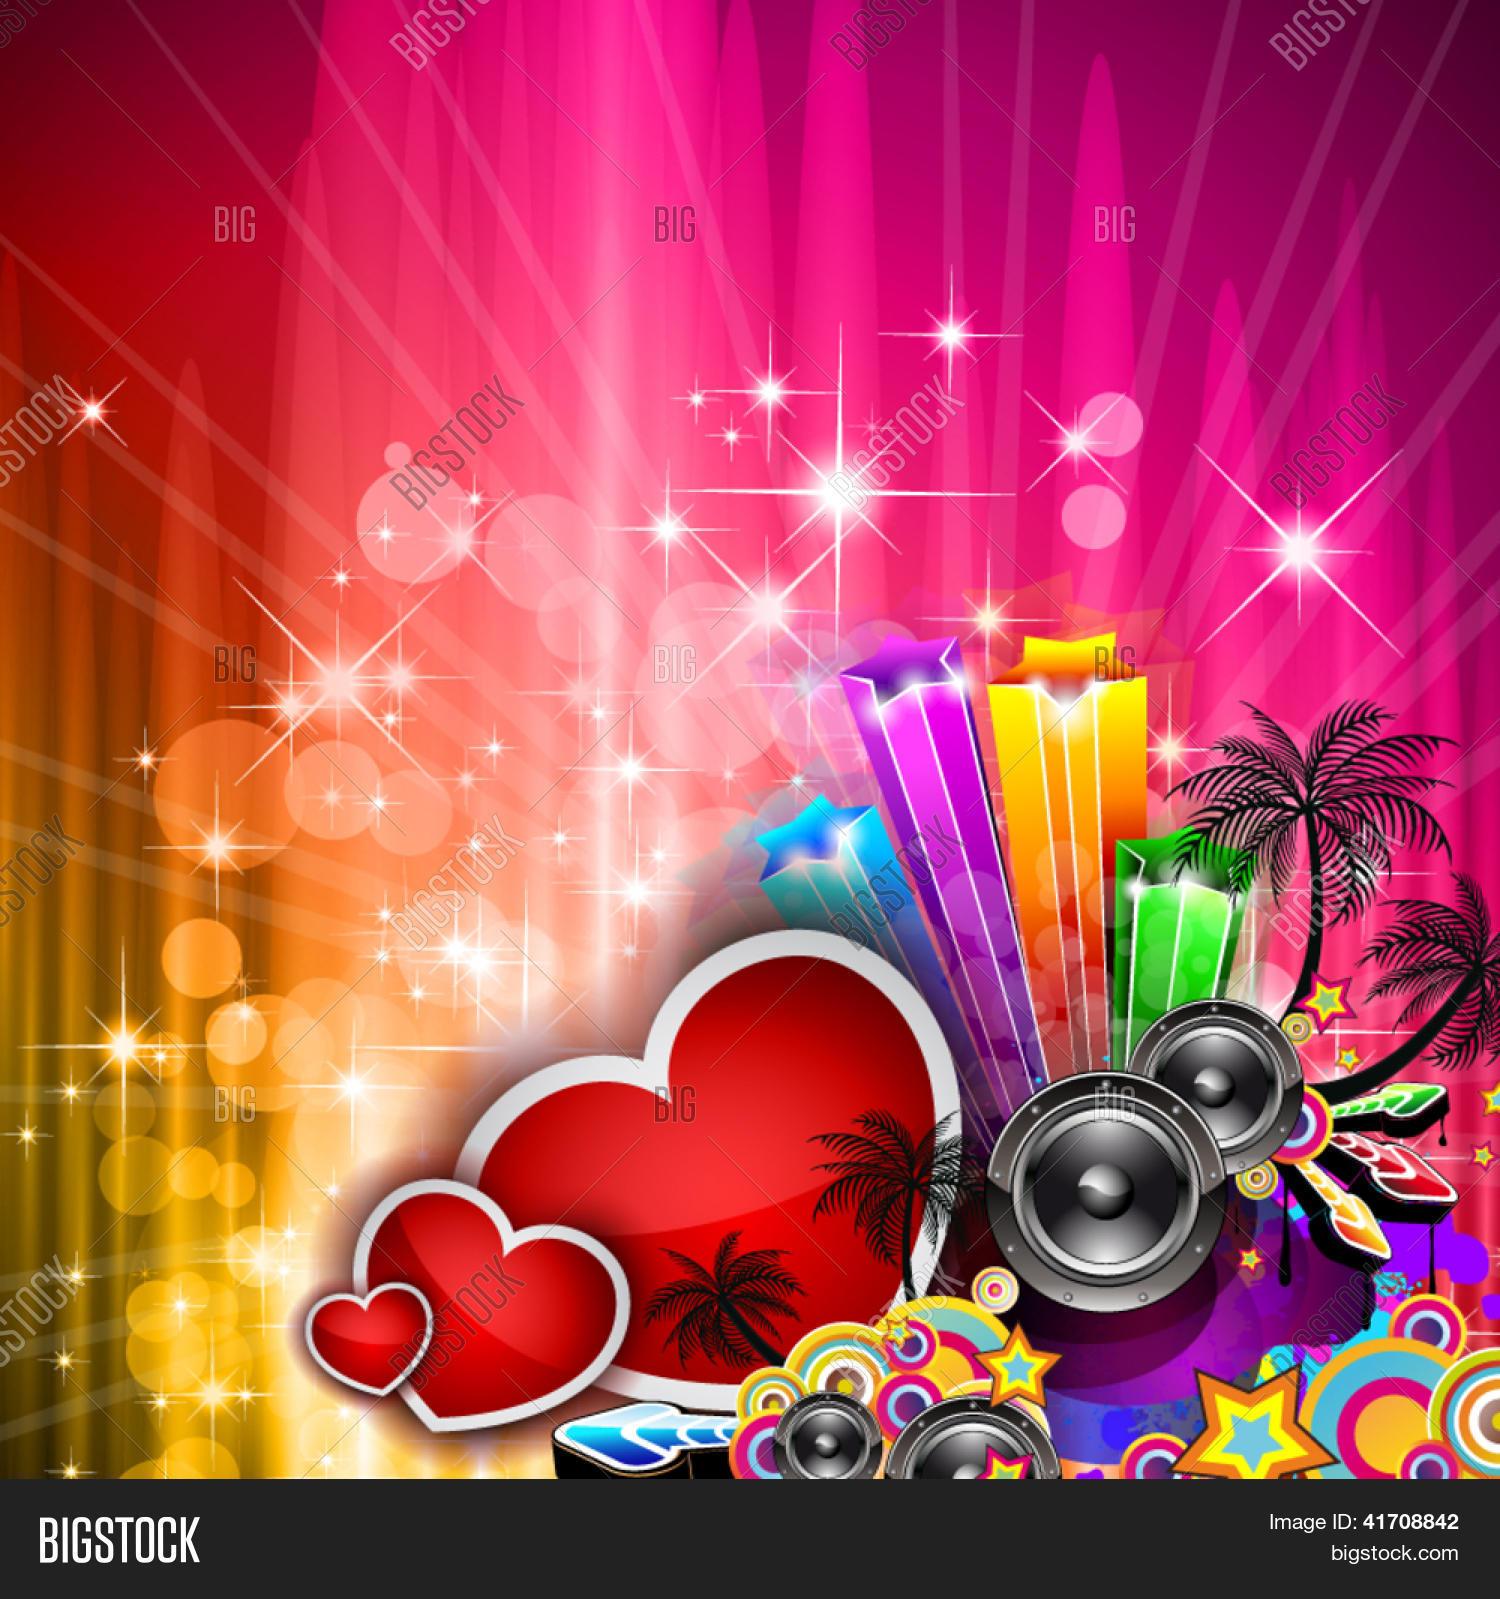 Schön Valentinstag Party Einladung Flyer Hintergrund Mit Liebe Thematische  Elemente. Ideal Für Cover Oder Post